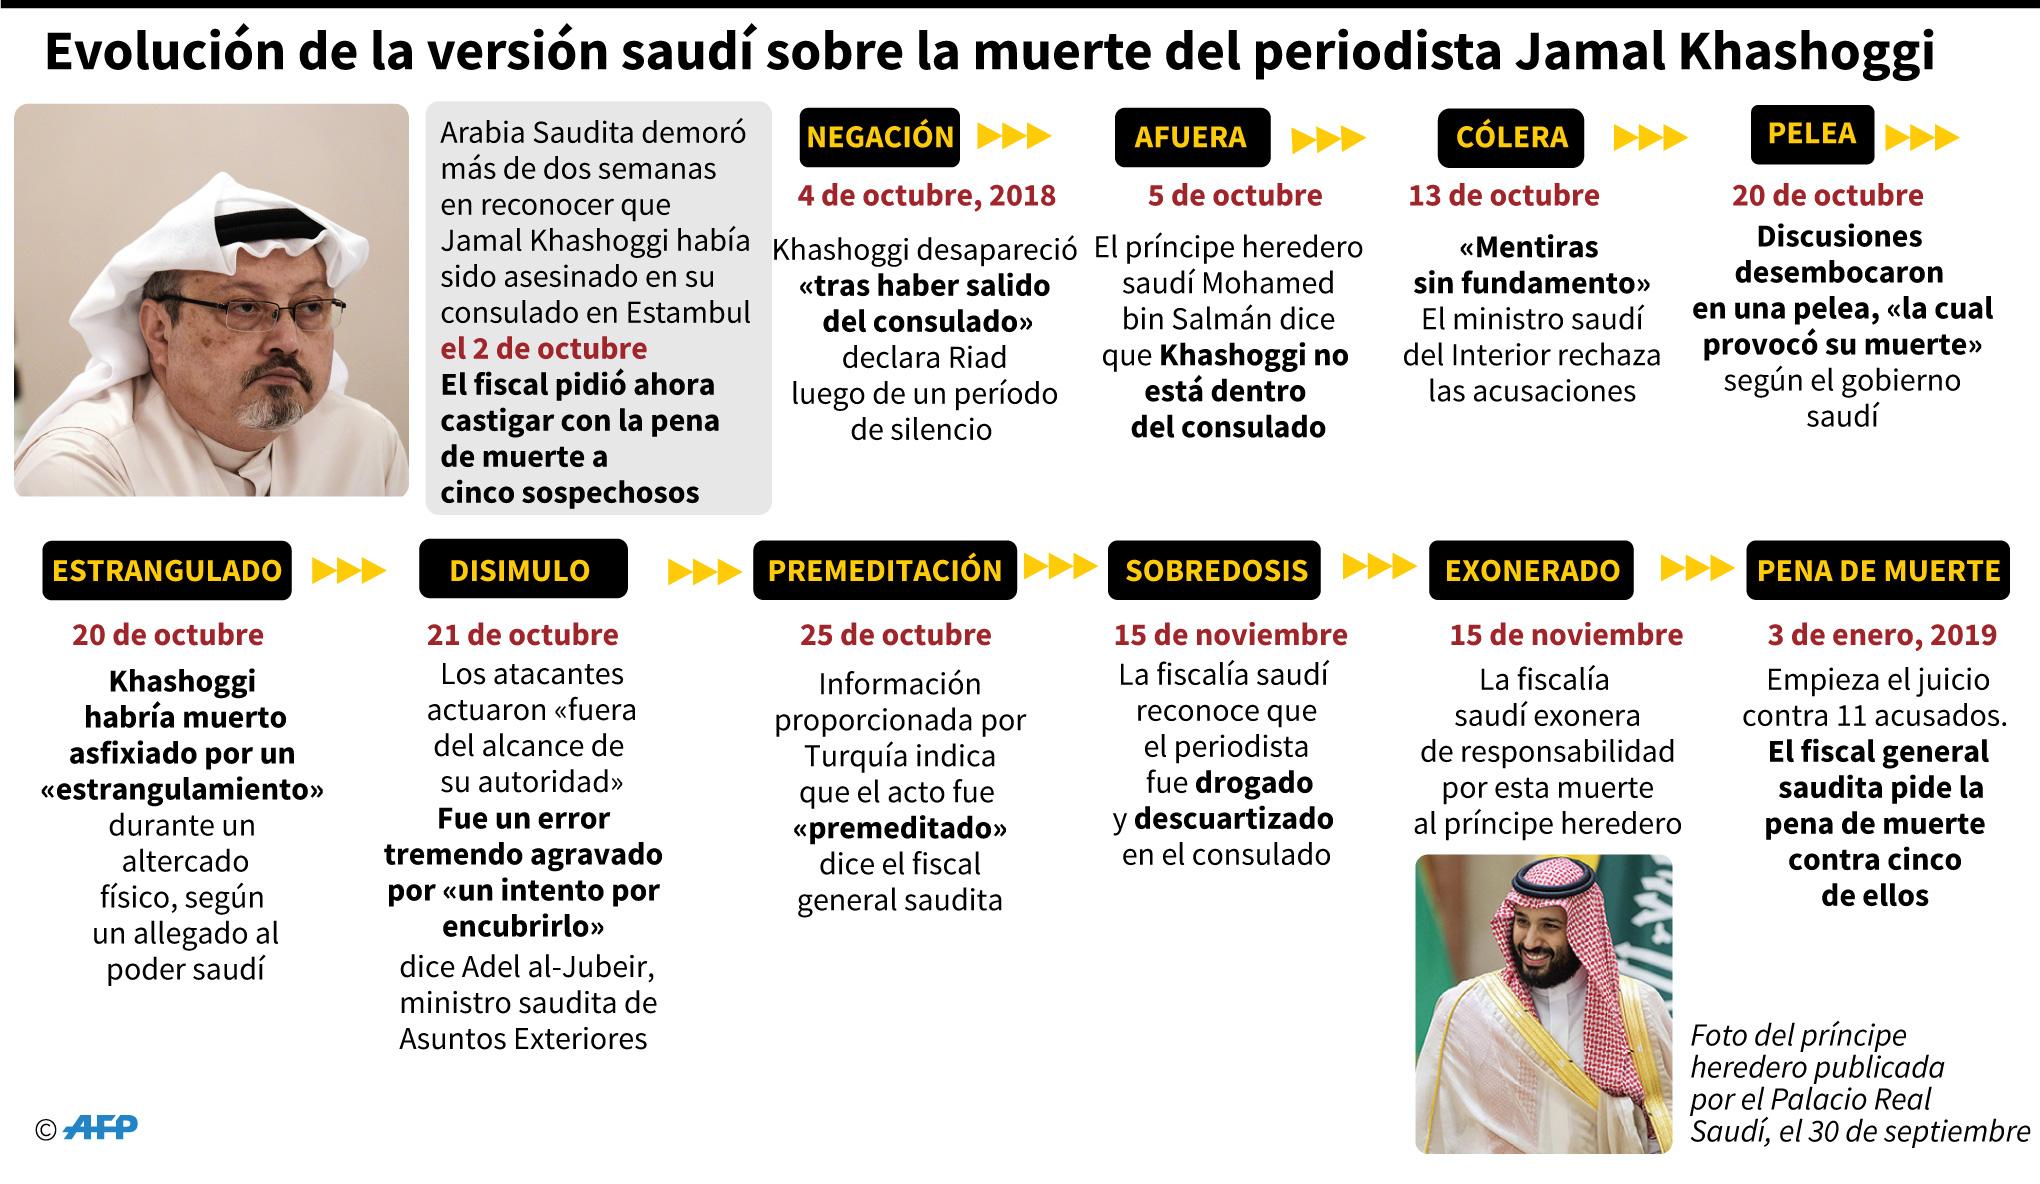 Cronología de las declaraciones sauditas sobre la muerte de Jamal Khashoggi. (AFP)